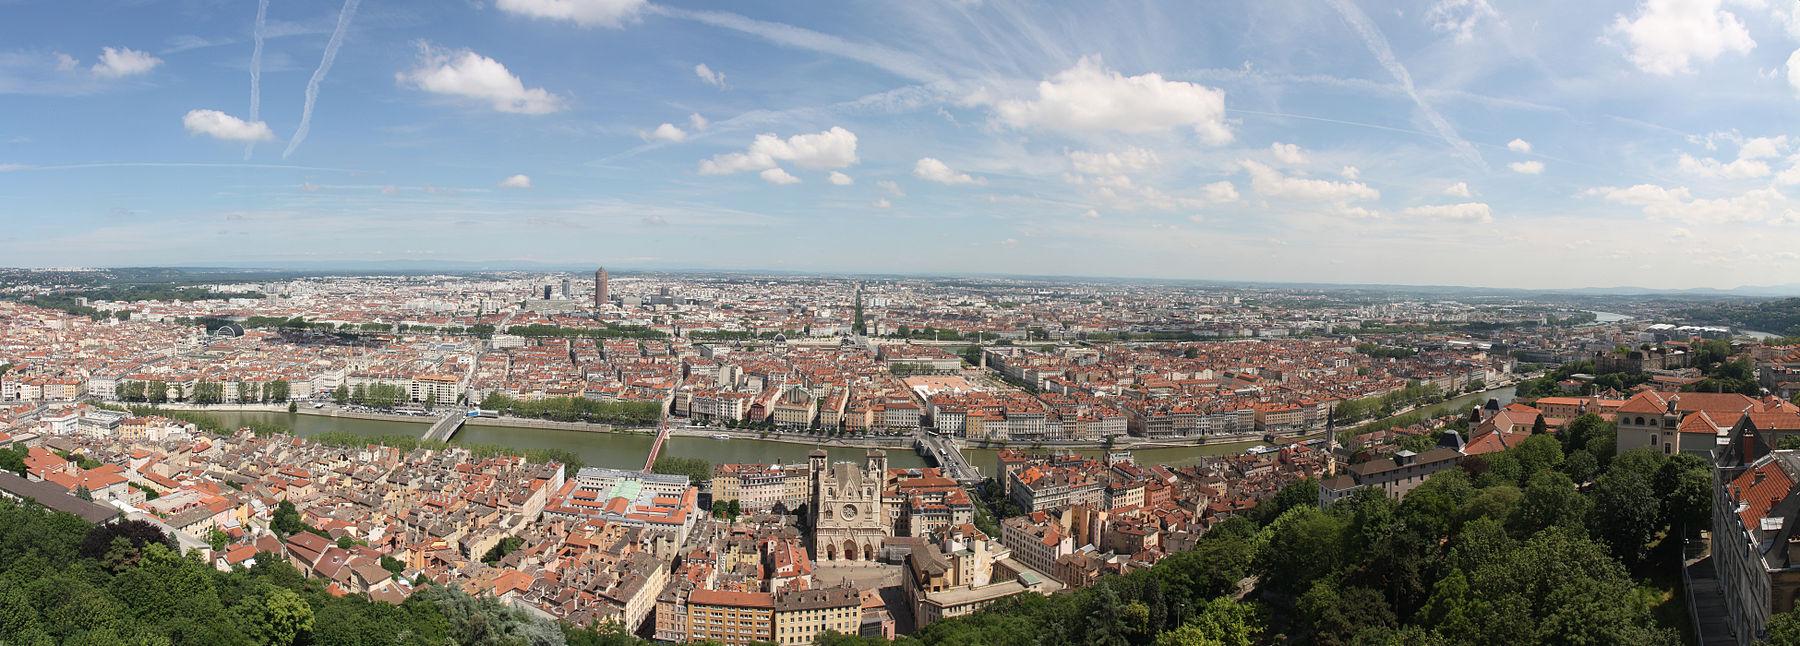 01._Panorama_de_Lyon_pris_depuis_le_toit_de_la_Basilique_de_Fourvière